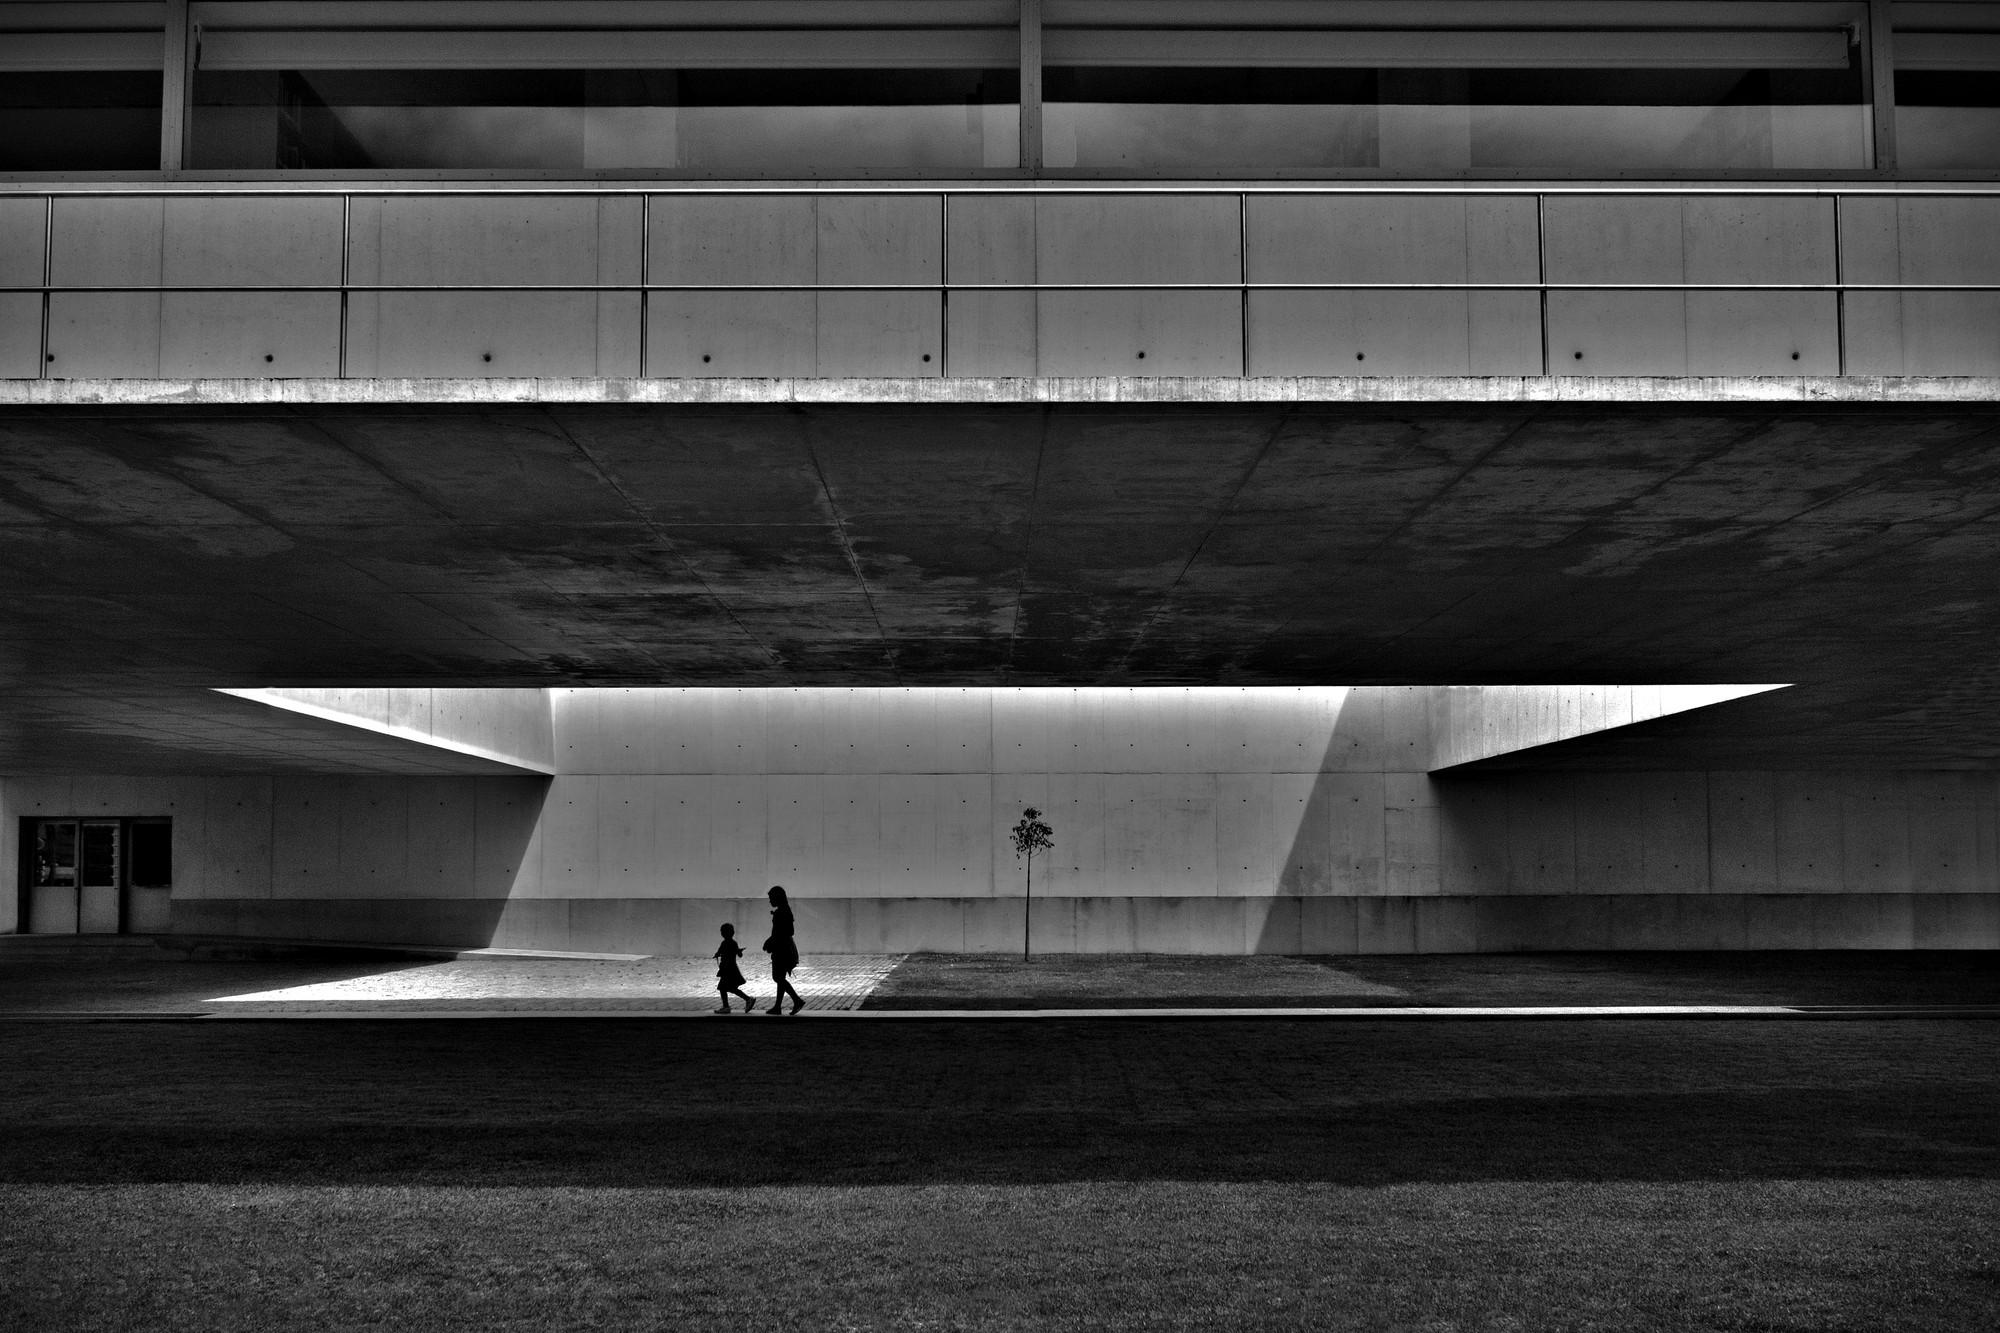 Library by Siza Vieira. Image © Pessoa Neto